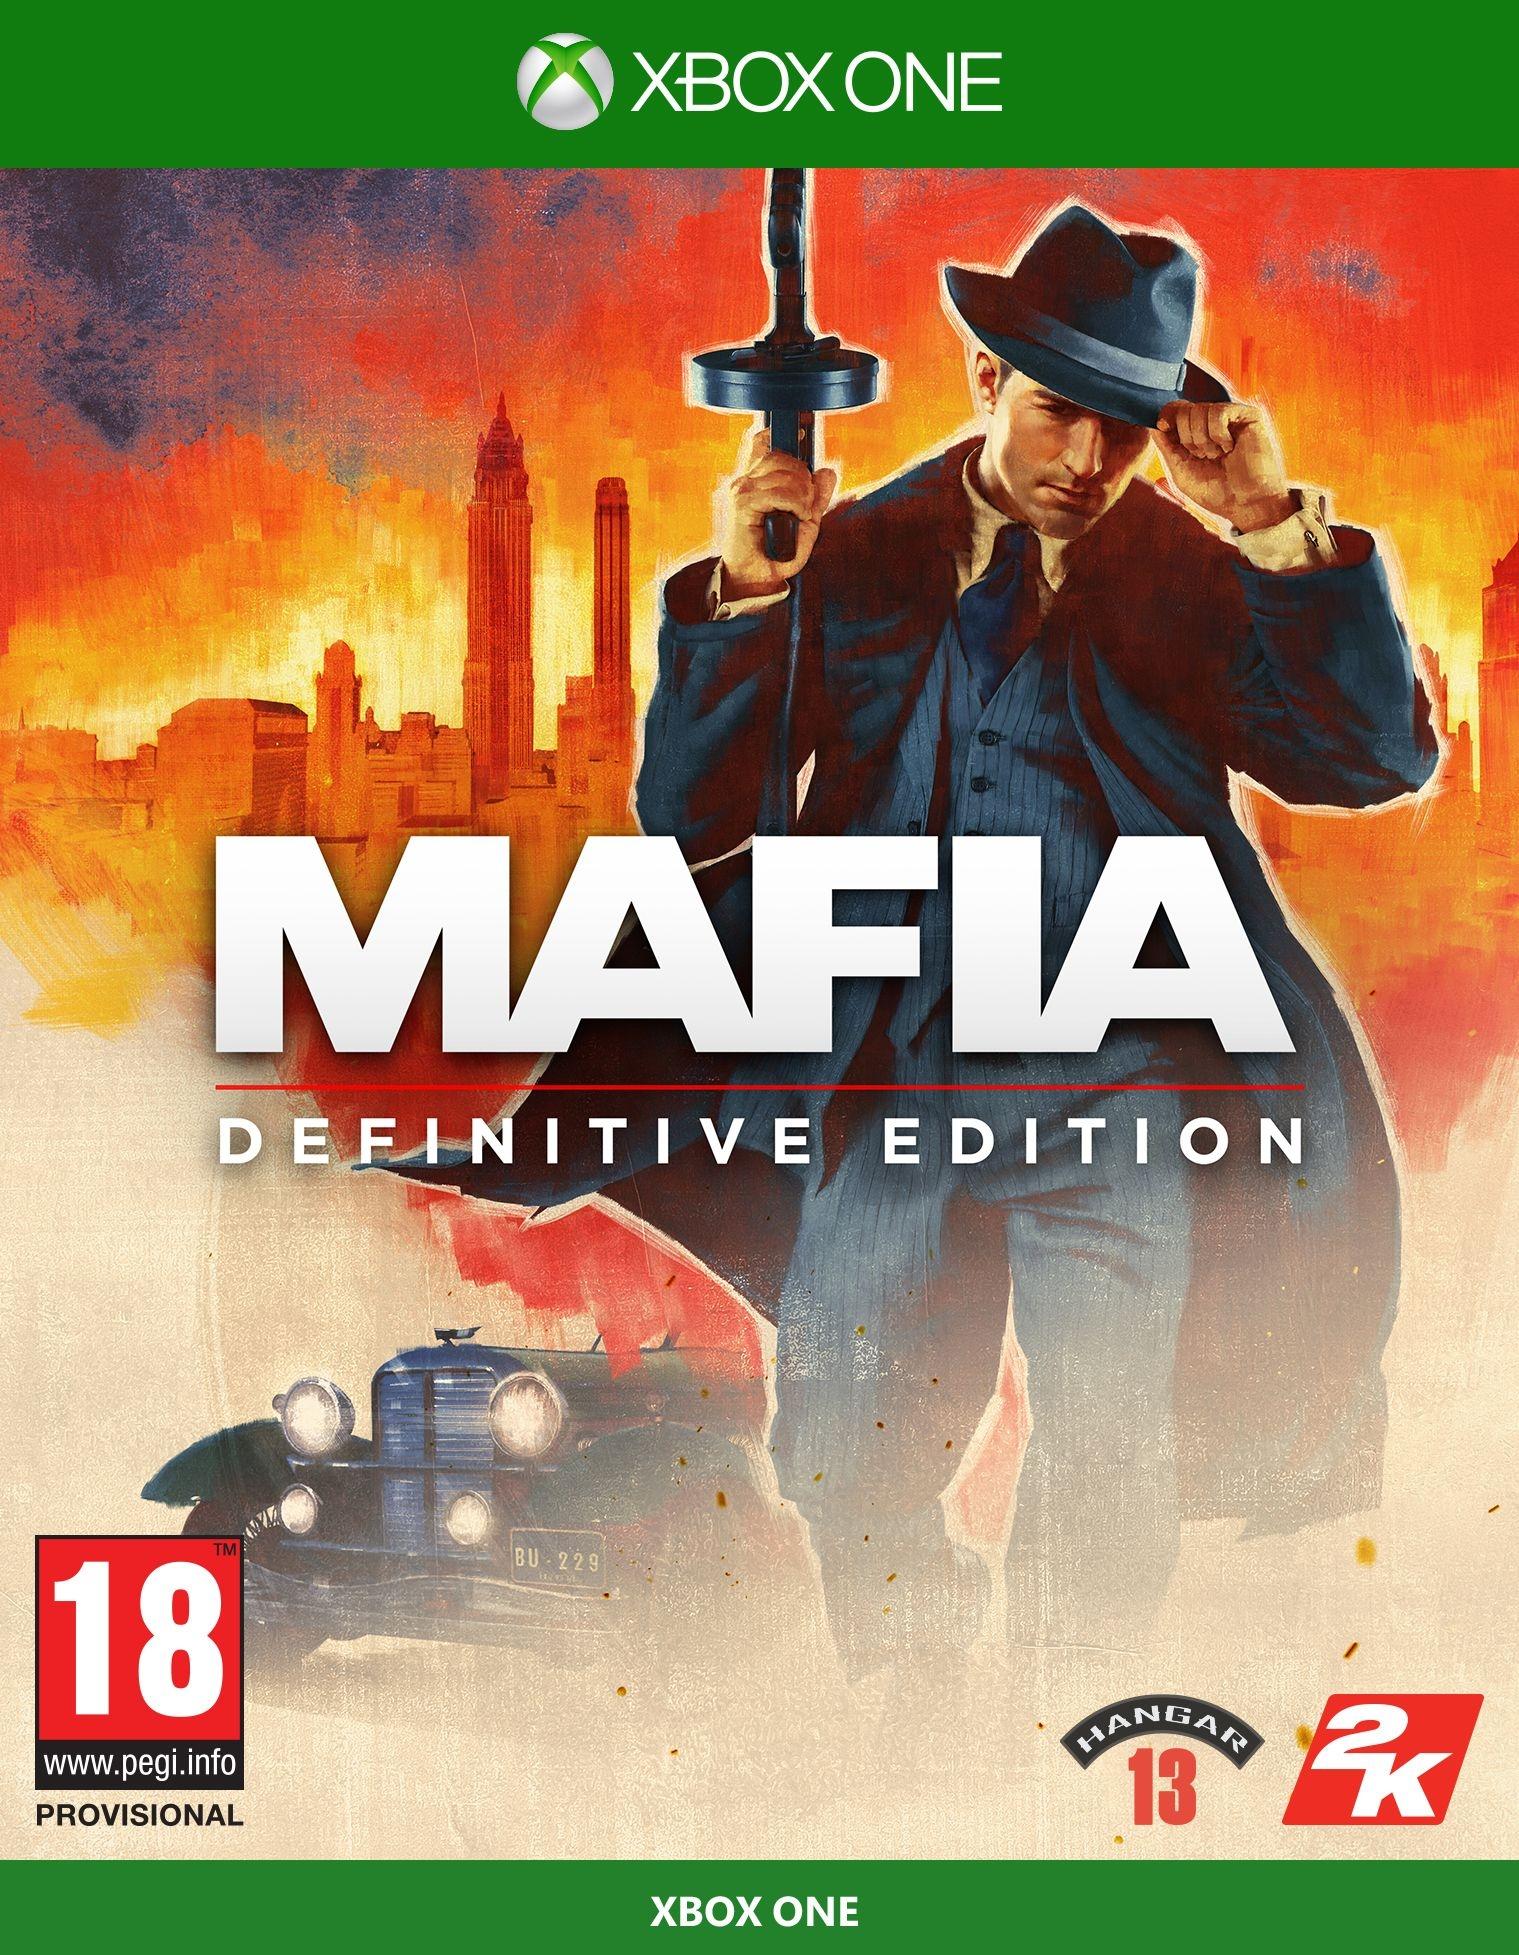 XBOXOne Mafia Definitive Edition